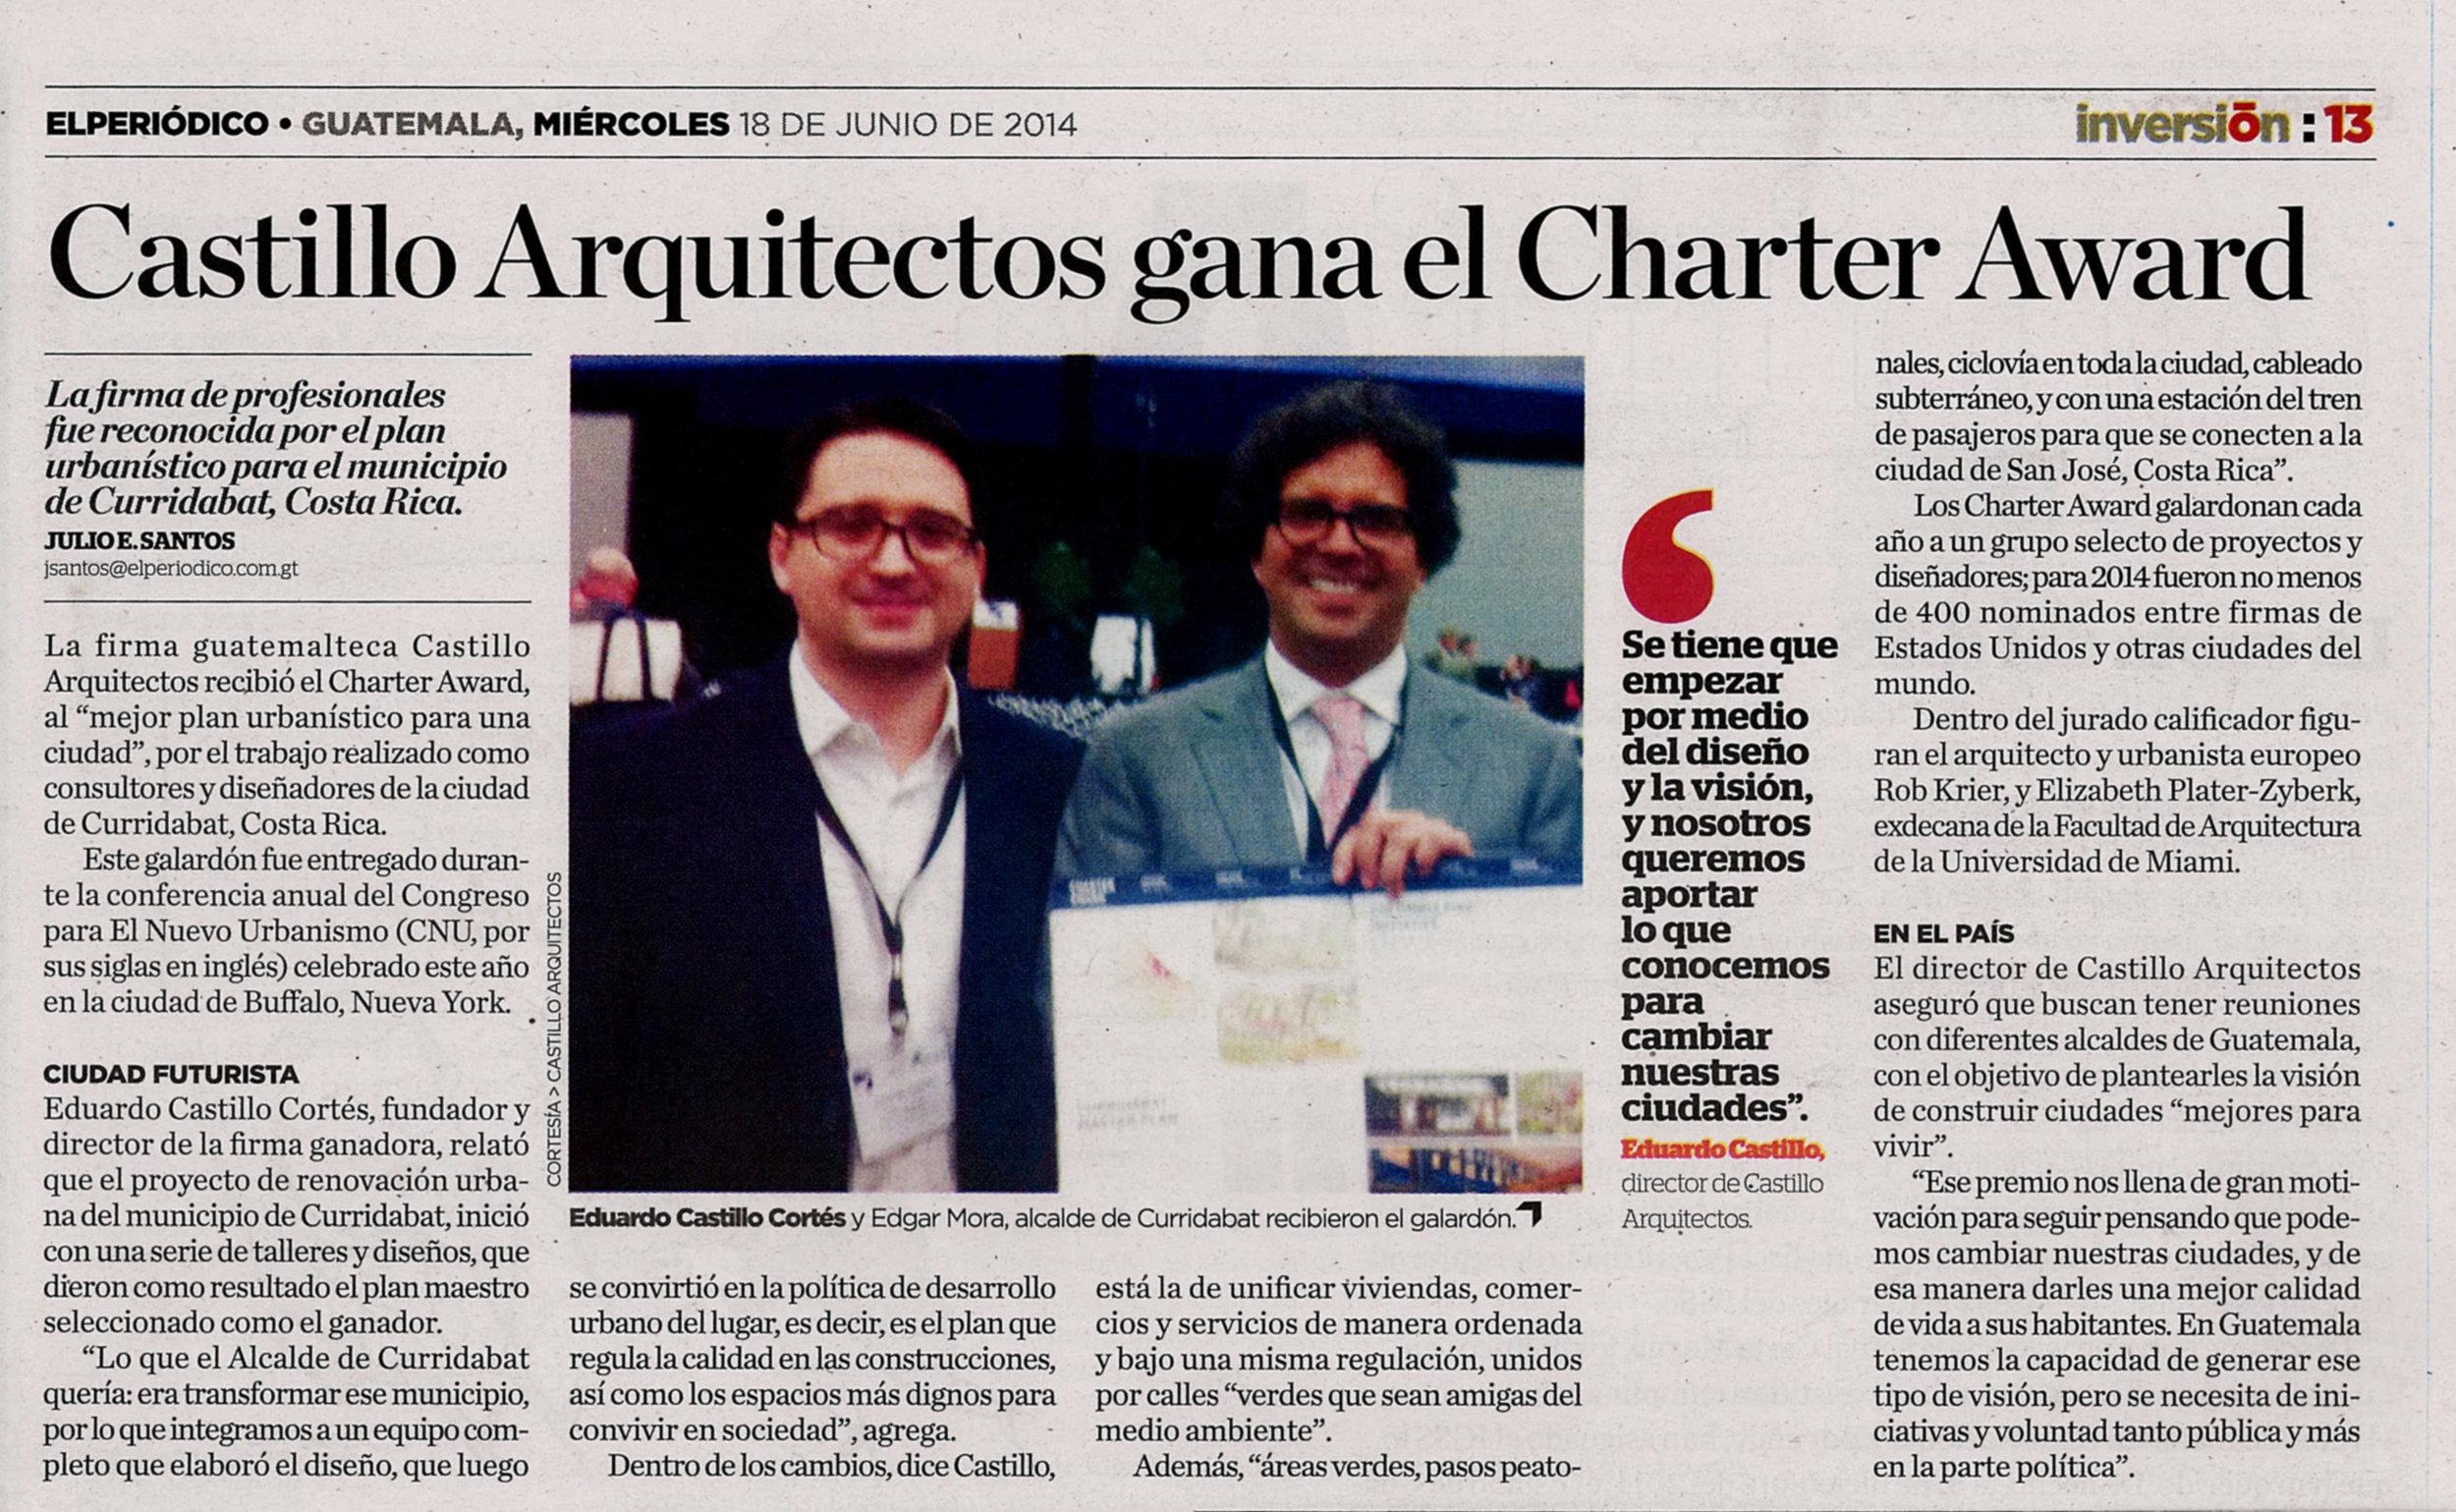 PRENSA - Reseña publicada en El Períodico de Guatemala. En la foto: Eduardo Castillo, director de CA y Edgar Mora, alcalde de Curridabat.